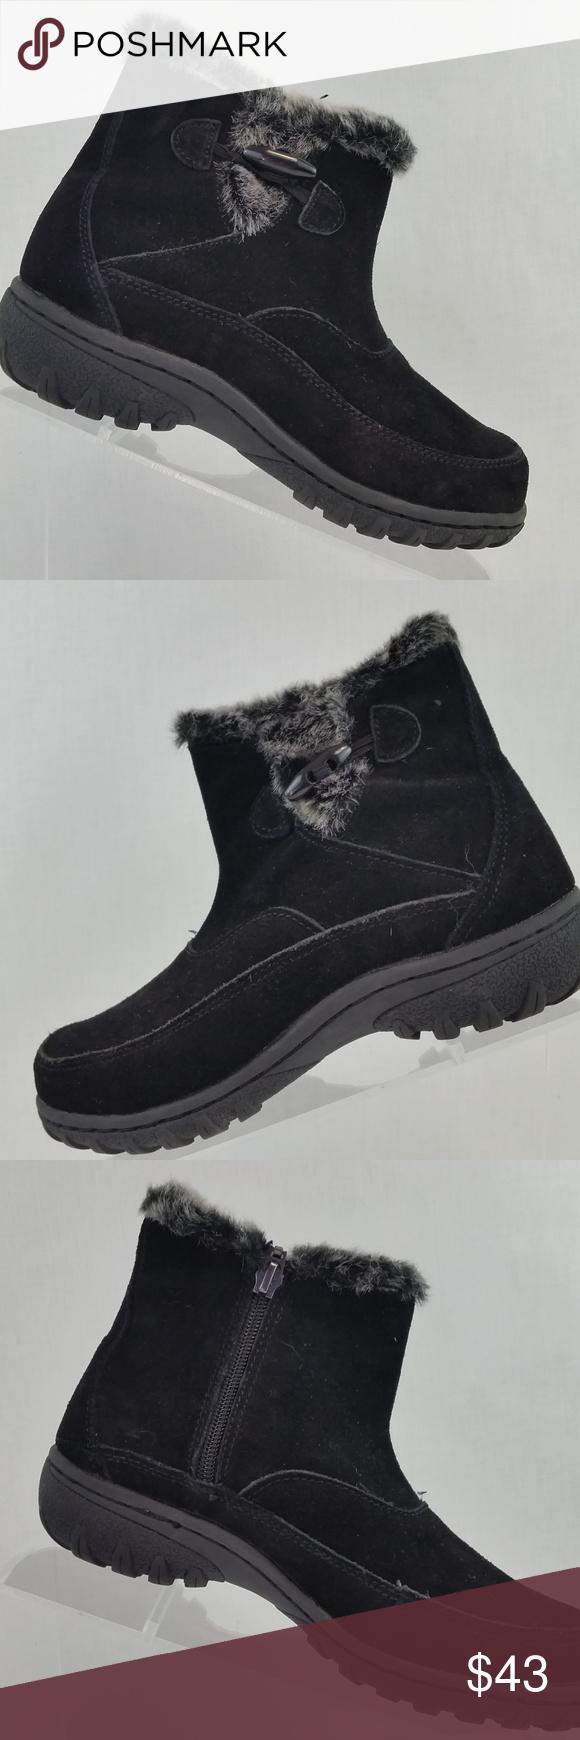 d298ef8d0f4 KHOMBU Women s Blk Suede Winter Ankle Boot size 6M Khombu Grace bootie  features  - Black